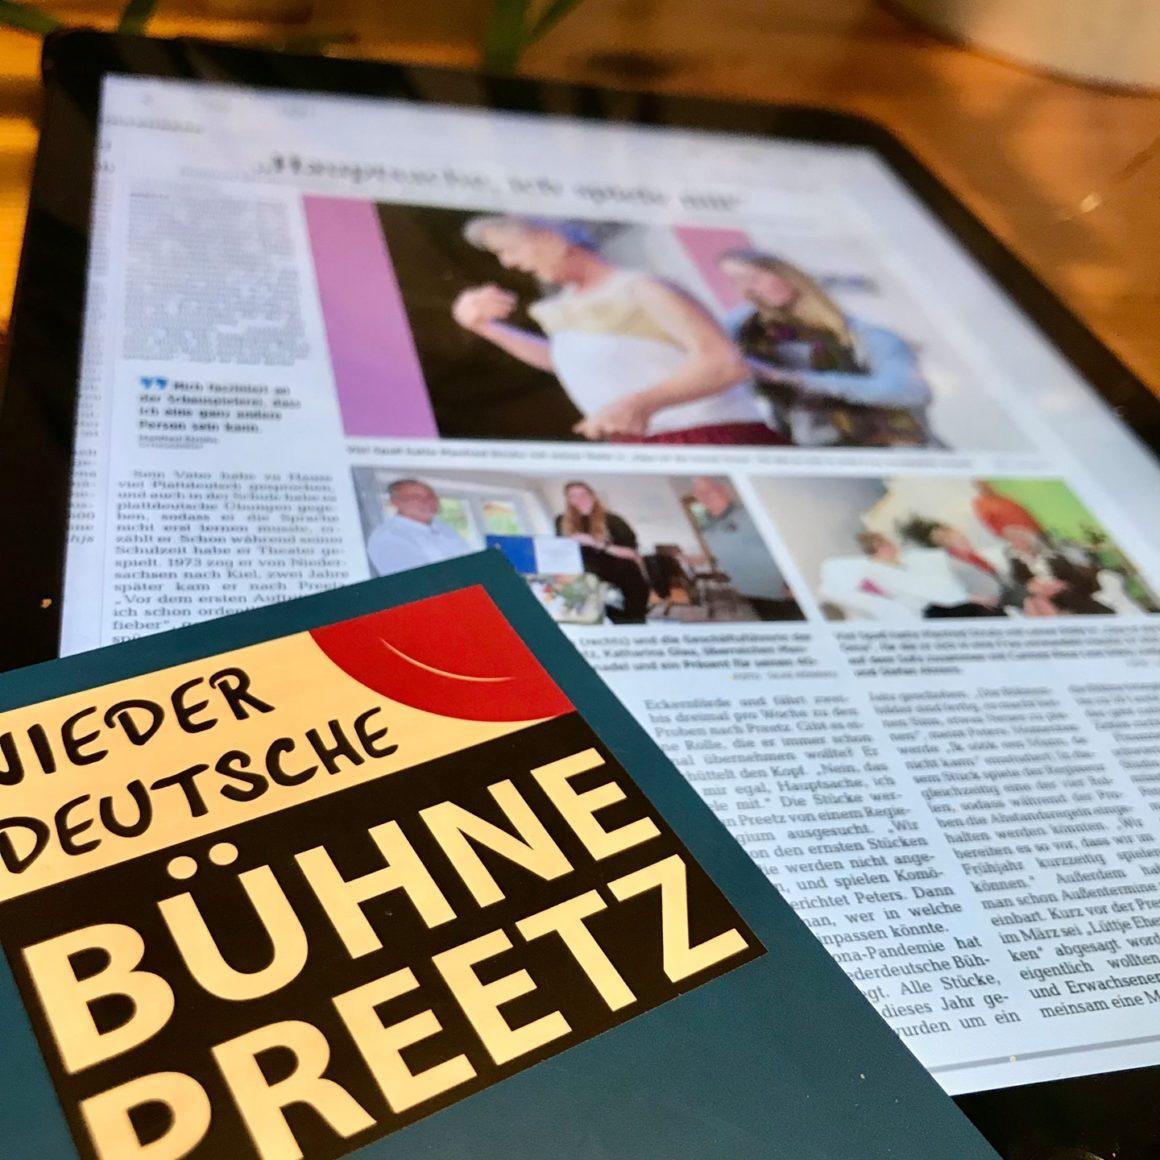 Heute gibt es in den Kieler Nachrichten einen sehr schönen Artikel von Silke Rönnau zum Bühnenjubiläum von Manfred Struhs und über die vielen Erlebnisse in unserem Verein.#Zeitung #Jubiläum #GrundzumFeiern #Freude #Niederdeutschebühne #Preetz